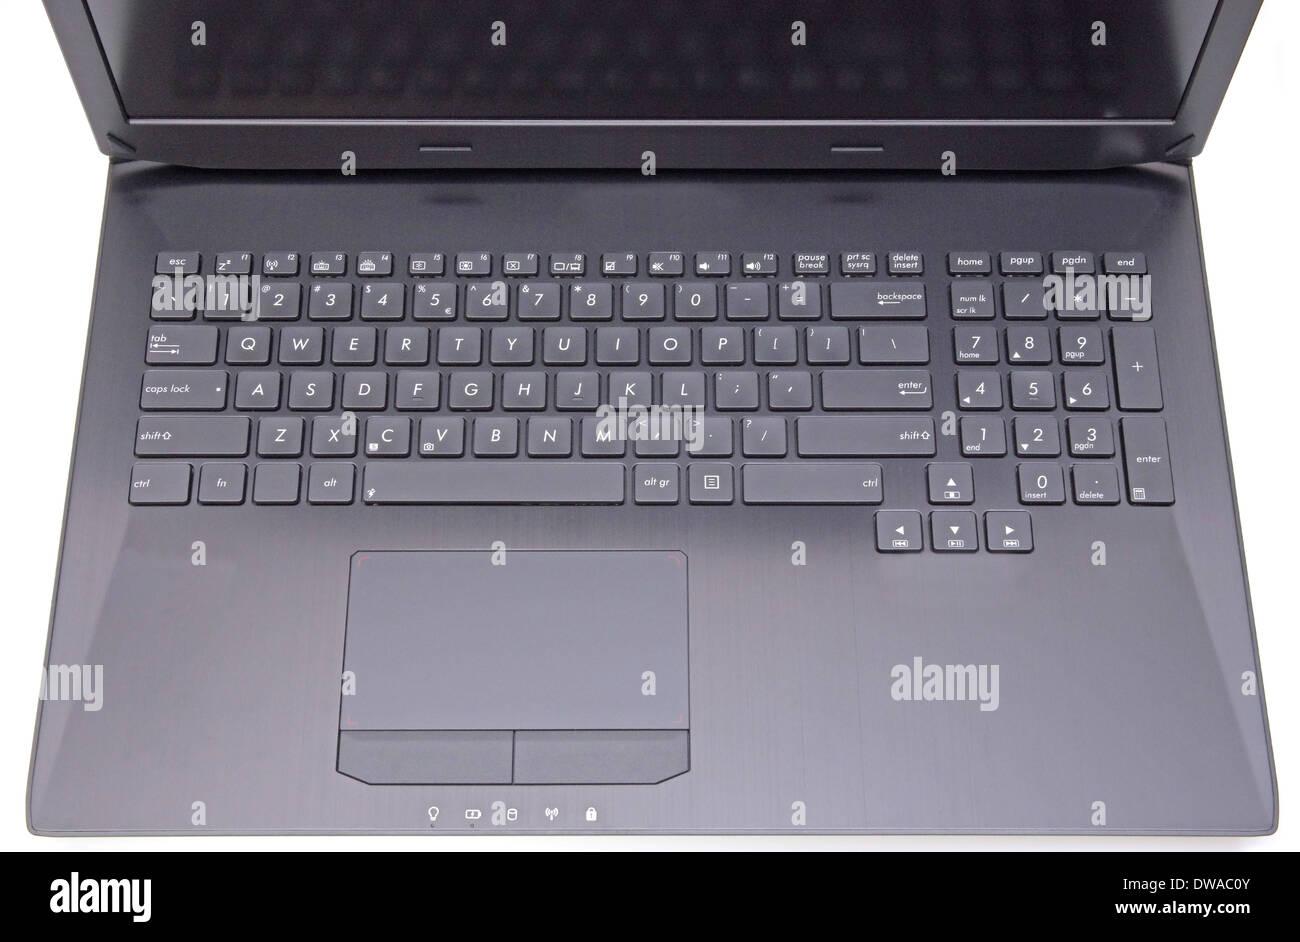 Cerrar la imagen de un equipo portátil: Teclado y touchpad Imagen De Stock